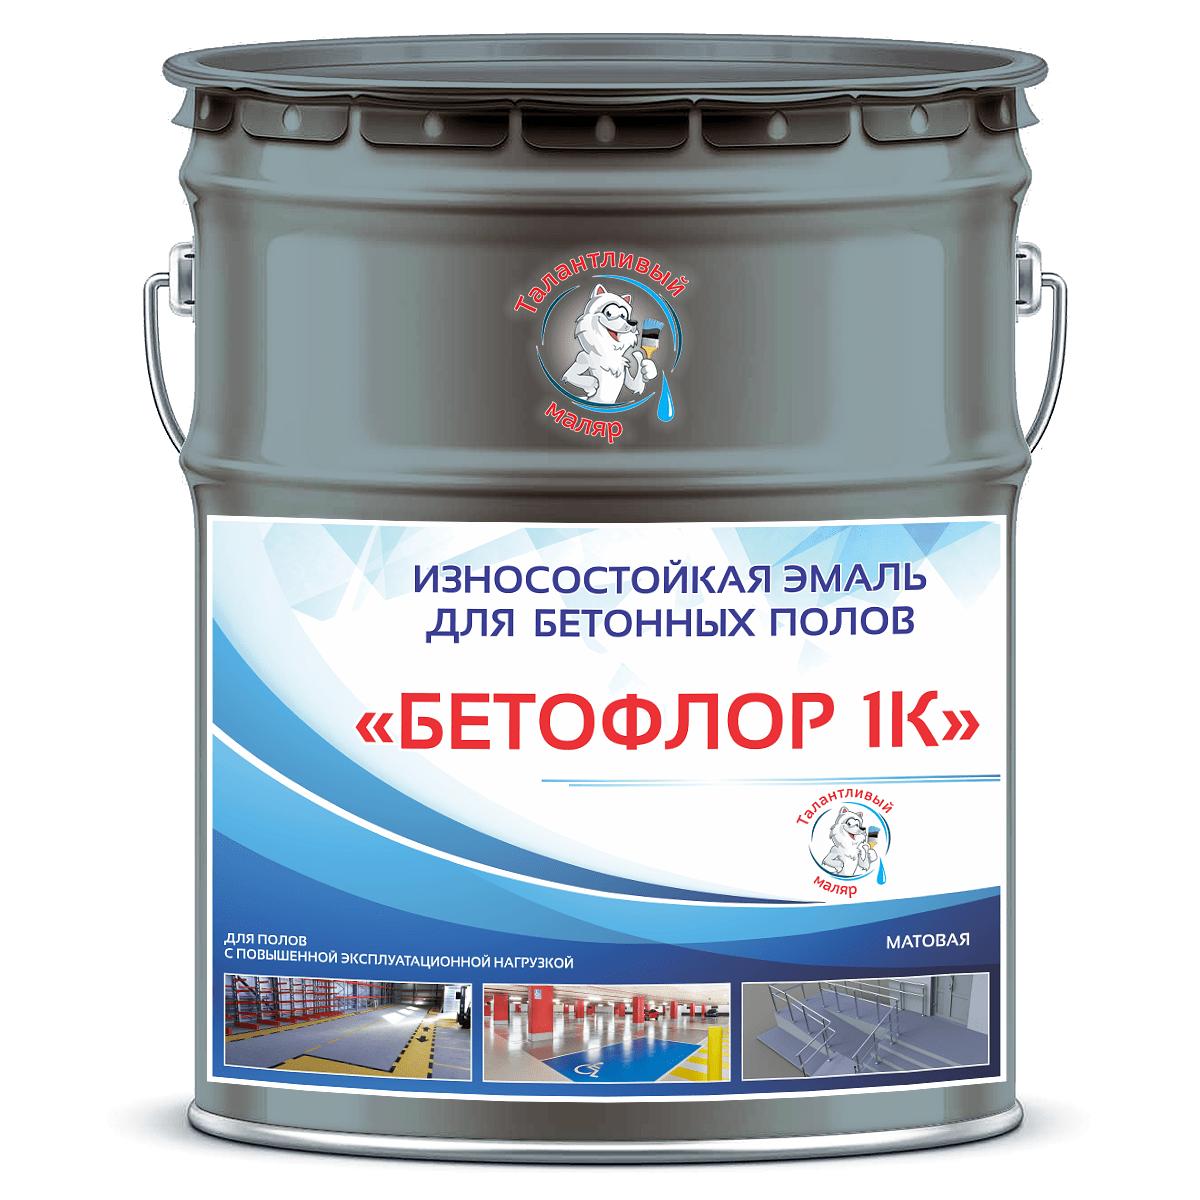 """Фото 12 - BF7012 Эмаль для бетонных полов """"Бетофлор"""" 1К цвет RAL 7012 Серый базальт, матовая износостойкая, 25 кг """"Талантливый Маляр""""."""